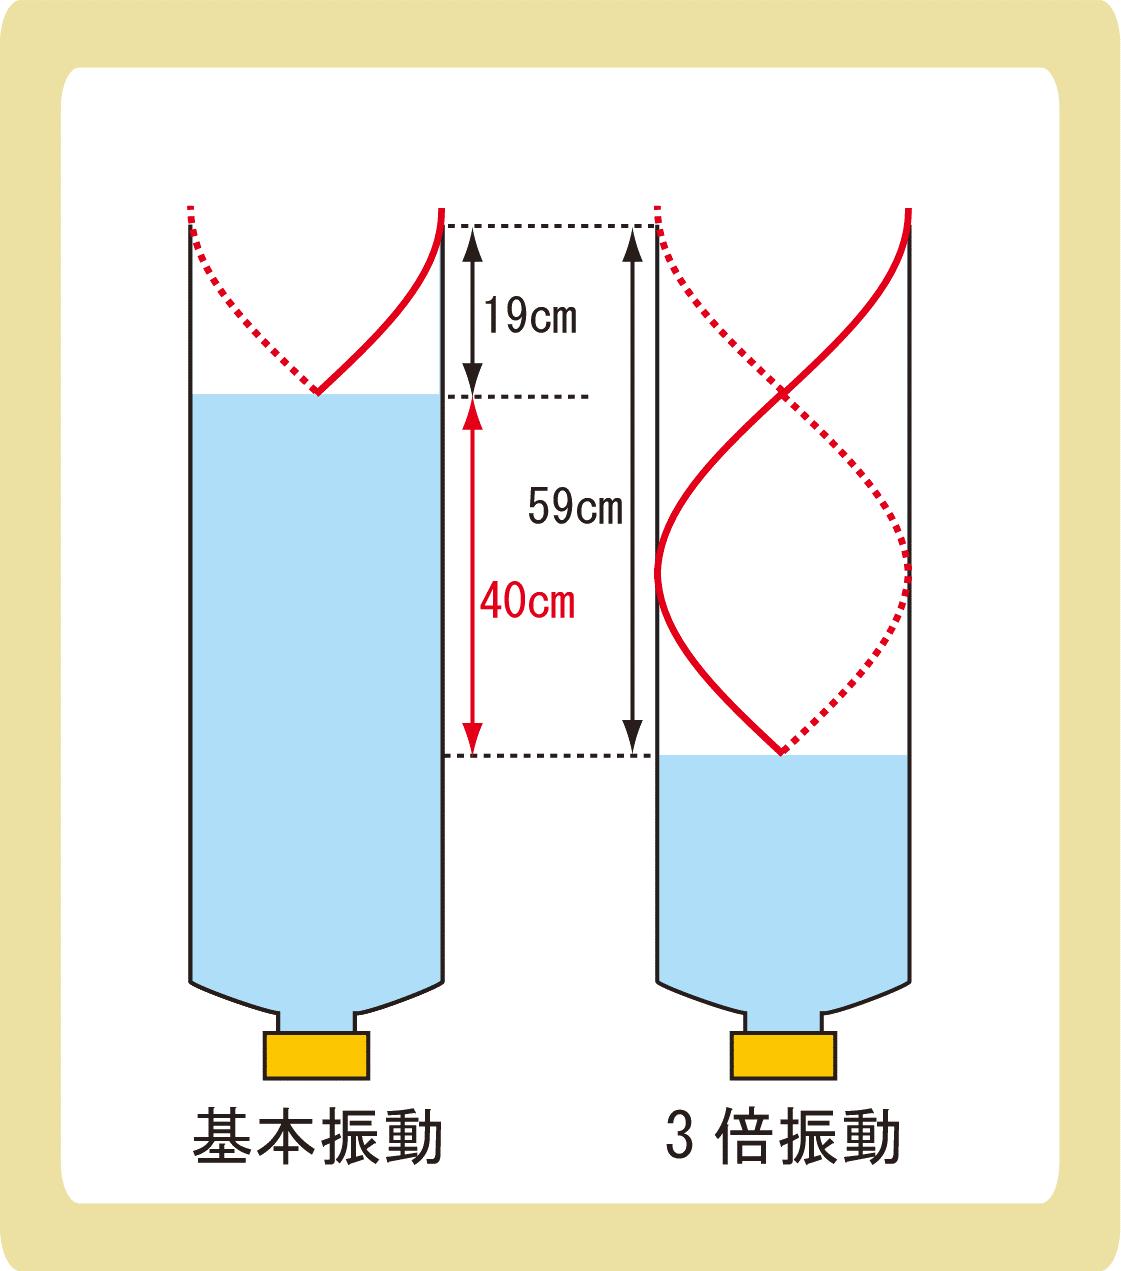 気柱の共鳴解答